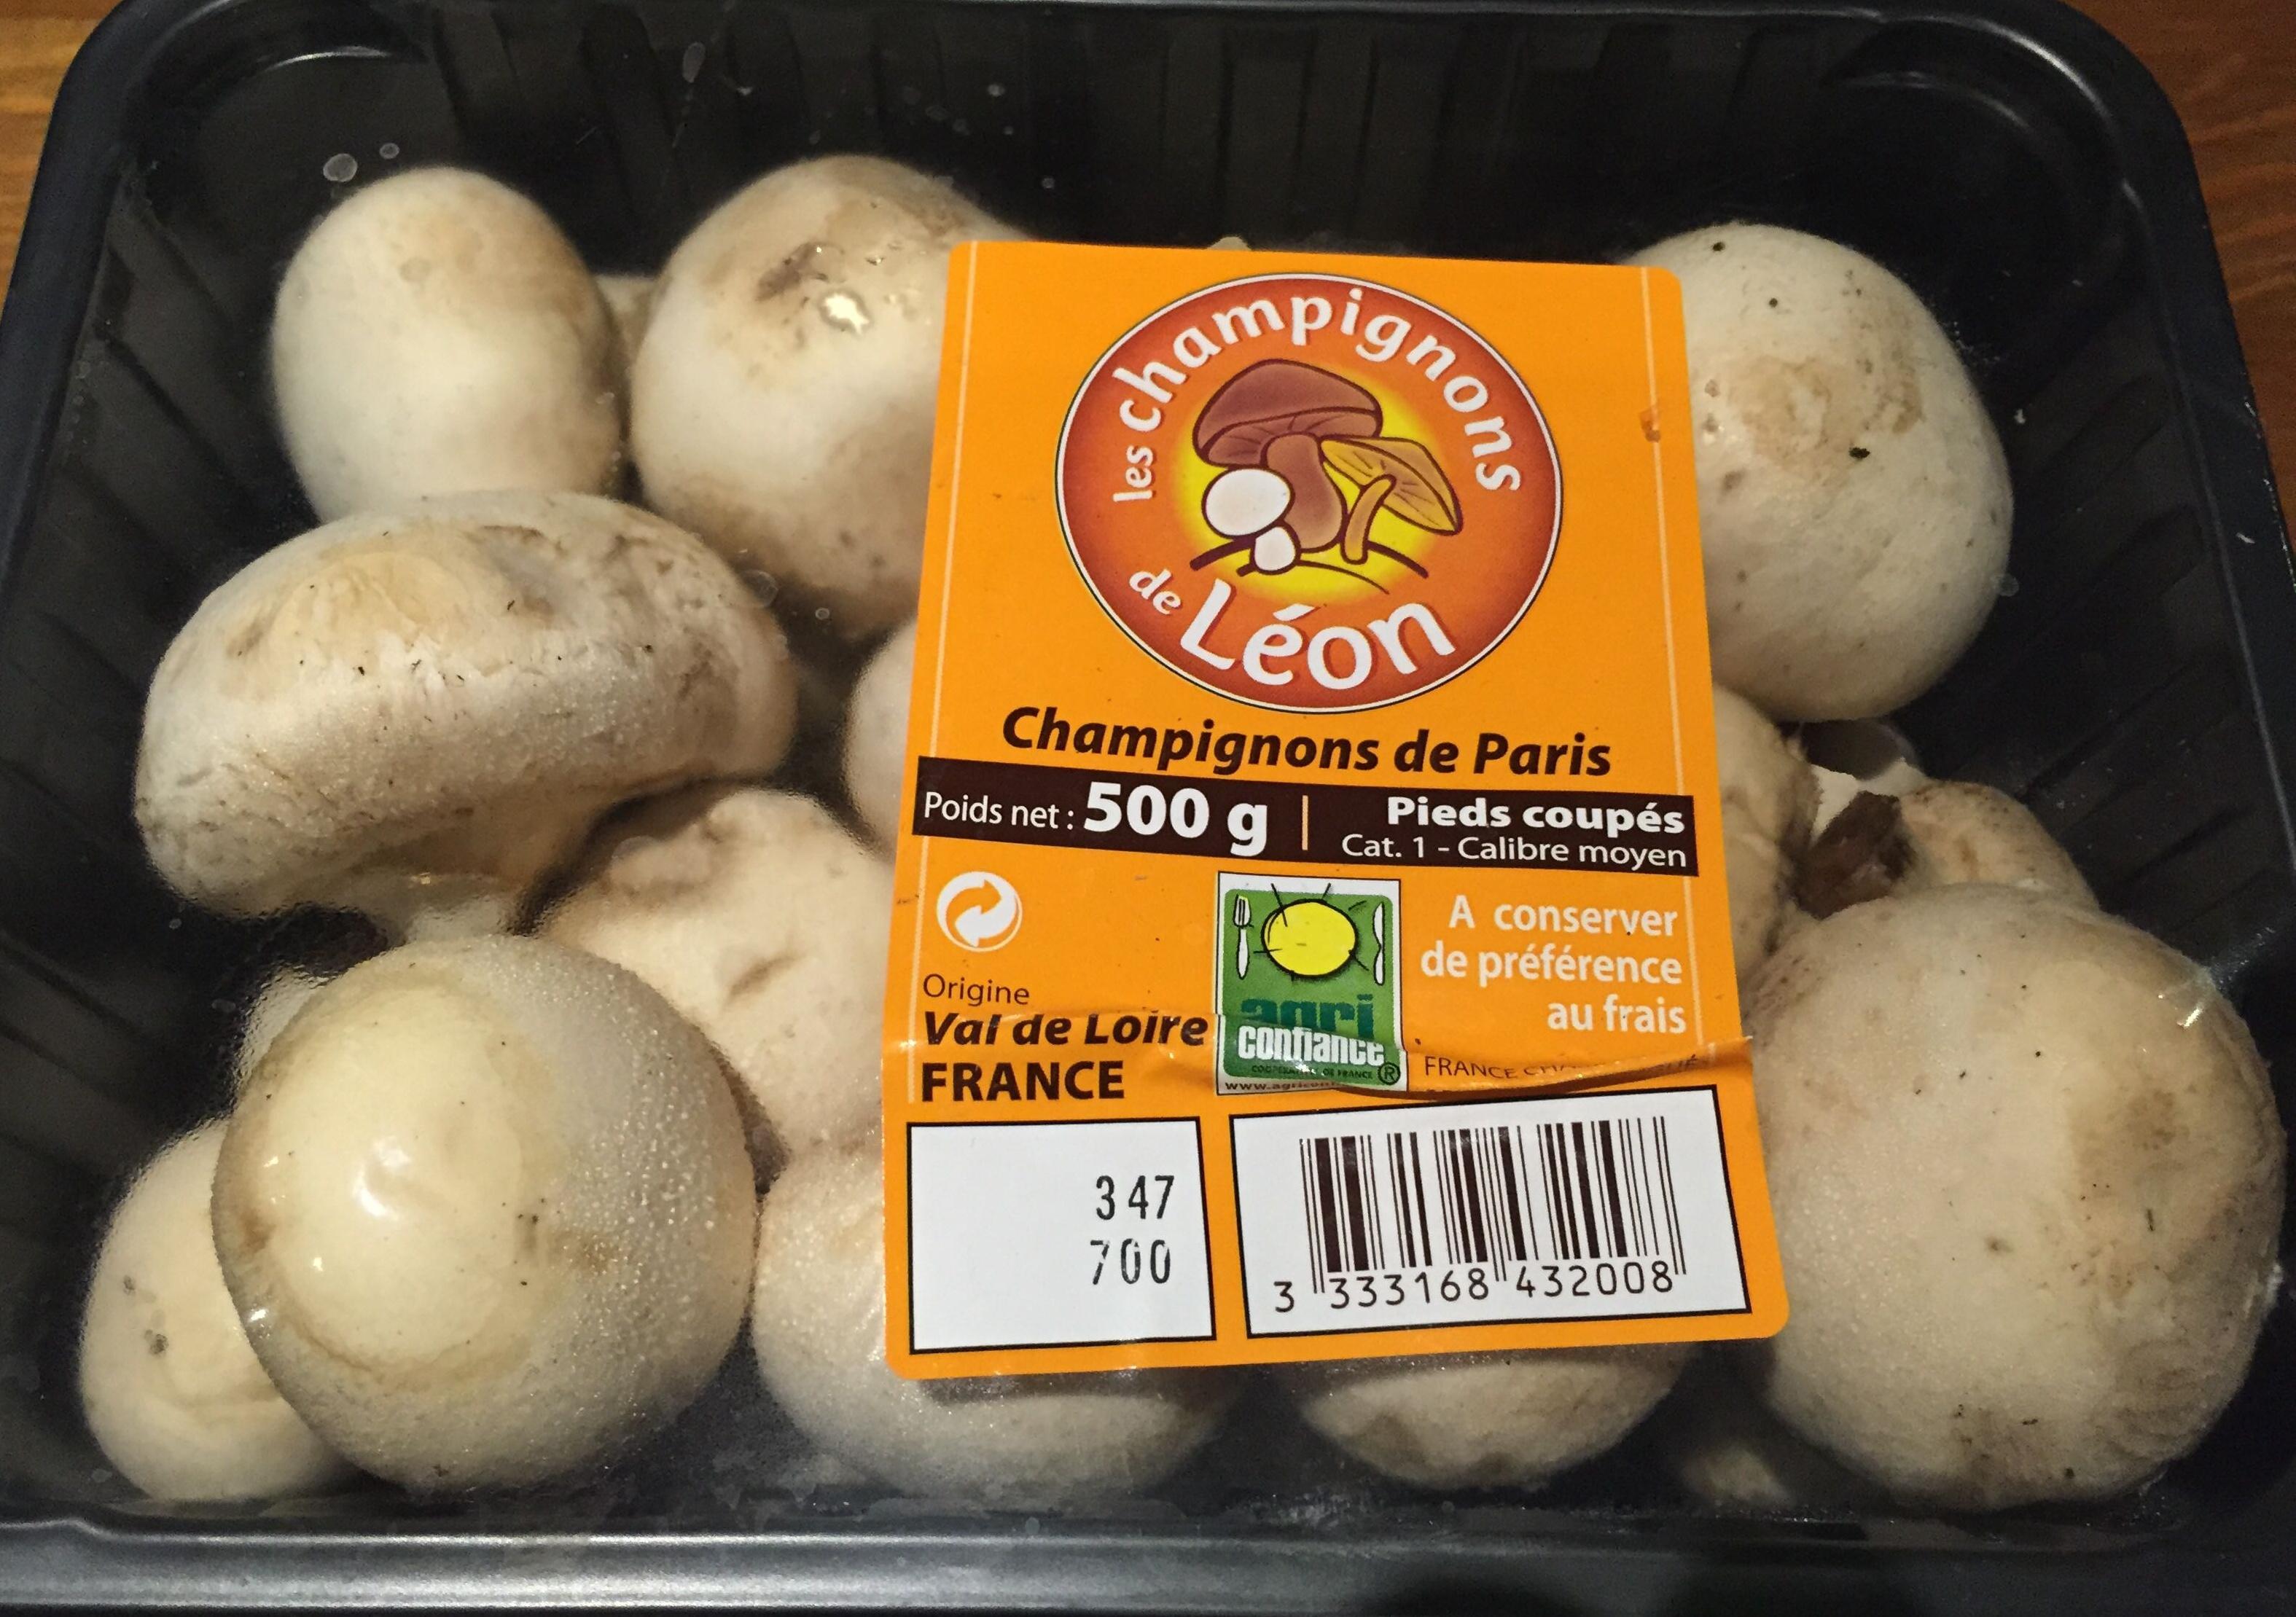 Champignons de paris les champignons de l on 500 g - Application pour reconnaitre les champignons ...